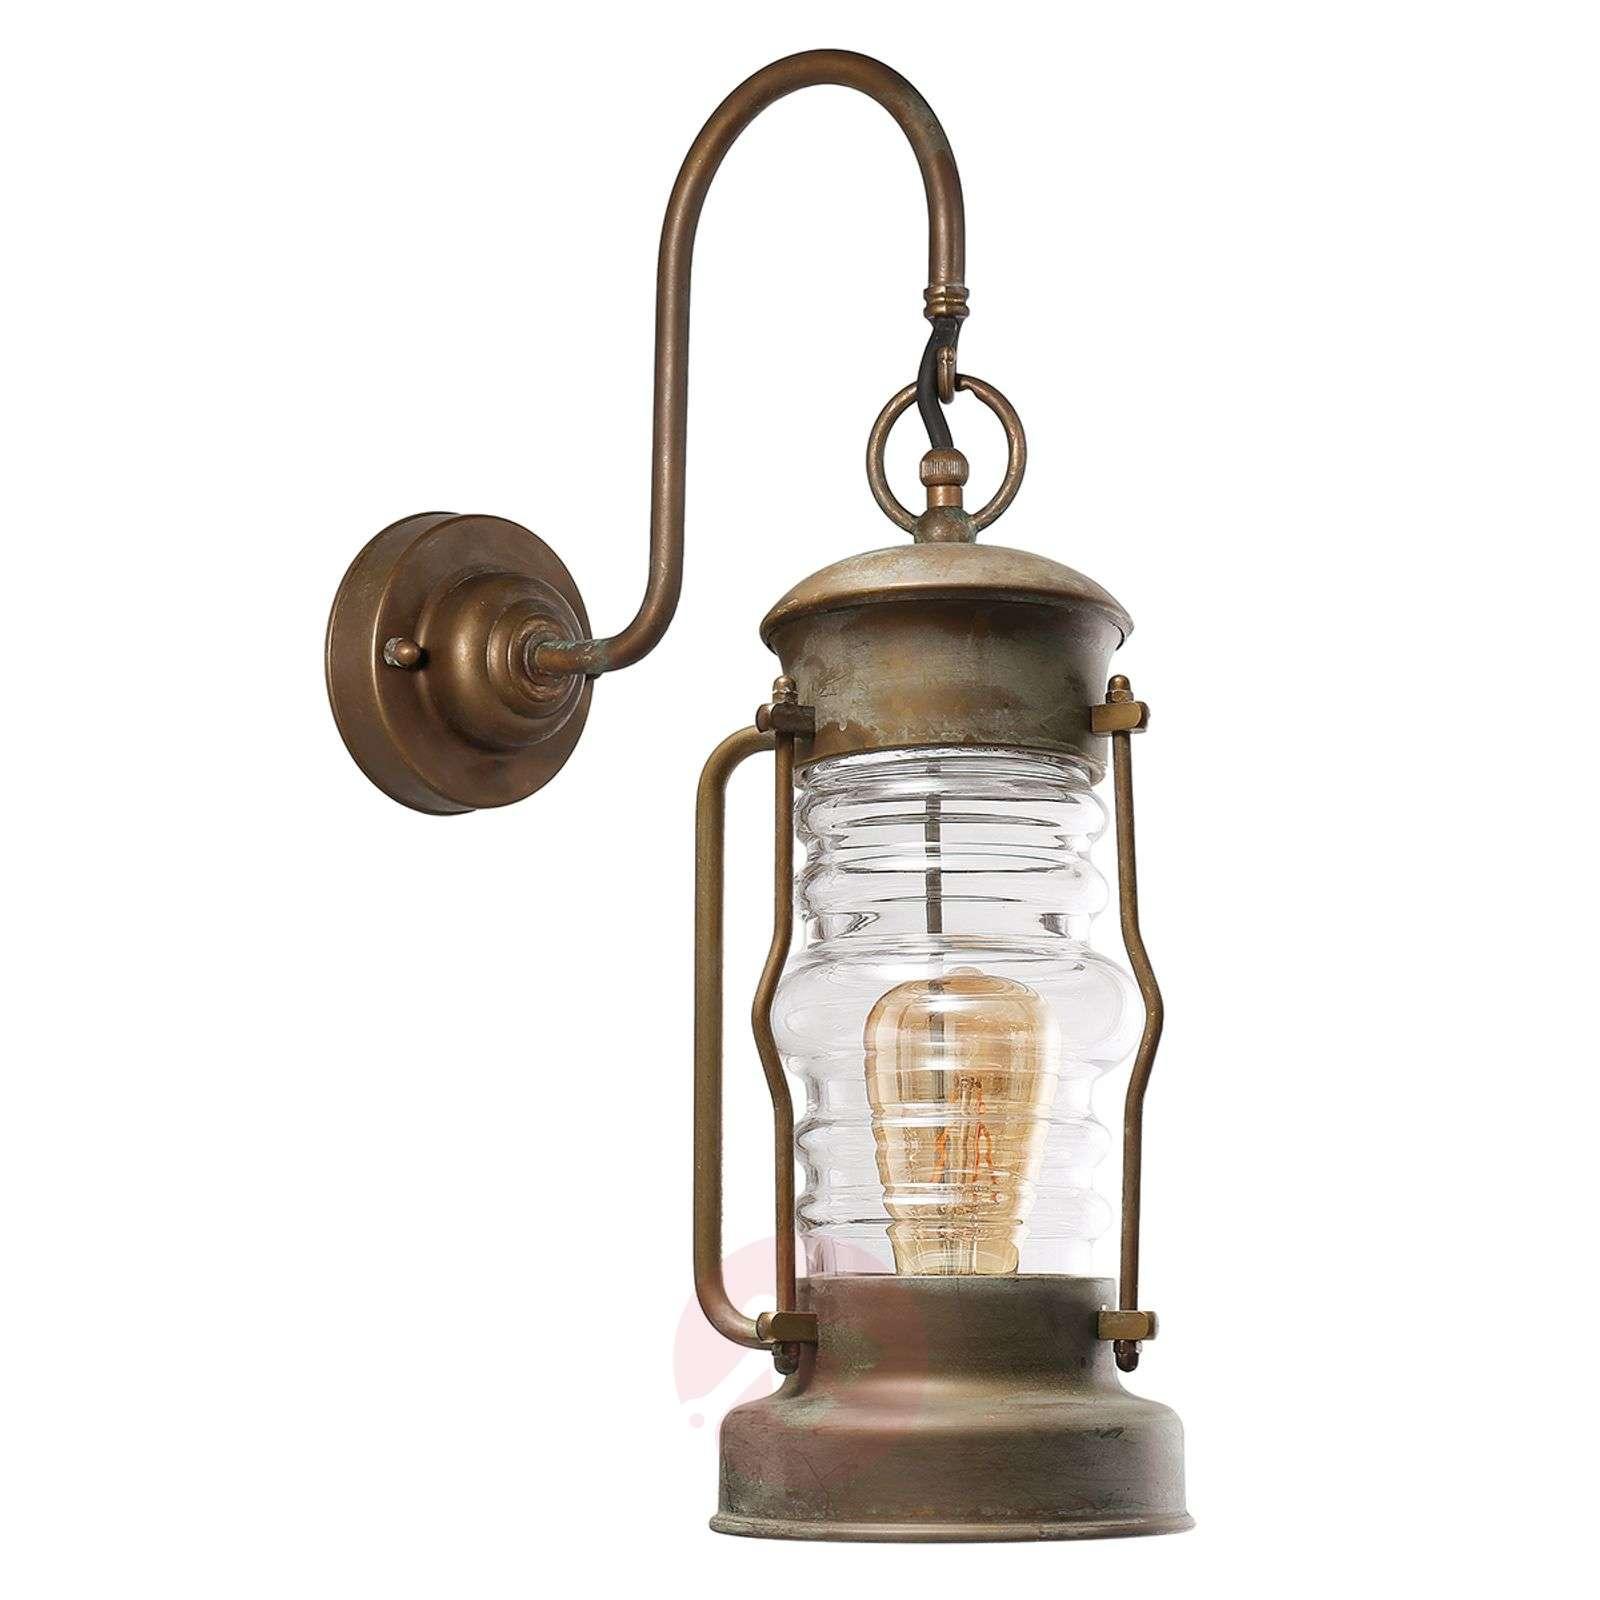 Outdoor wall lamp Antiko seawater-resistant-6515351-01